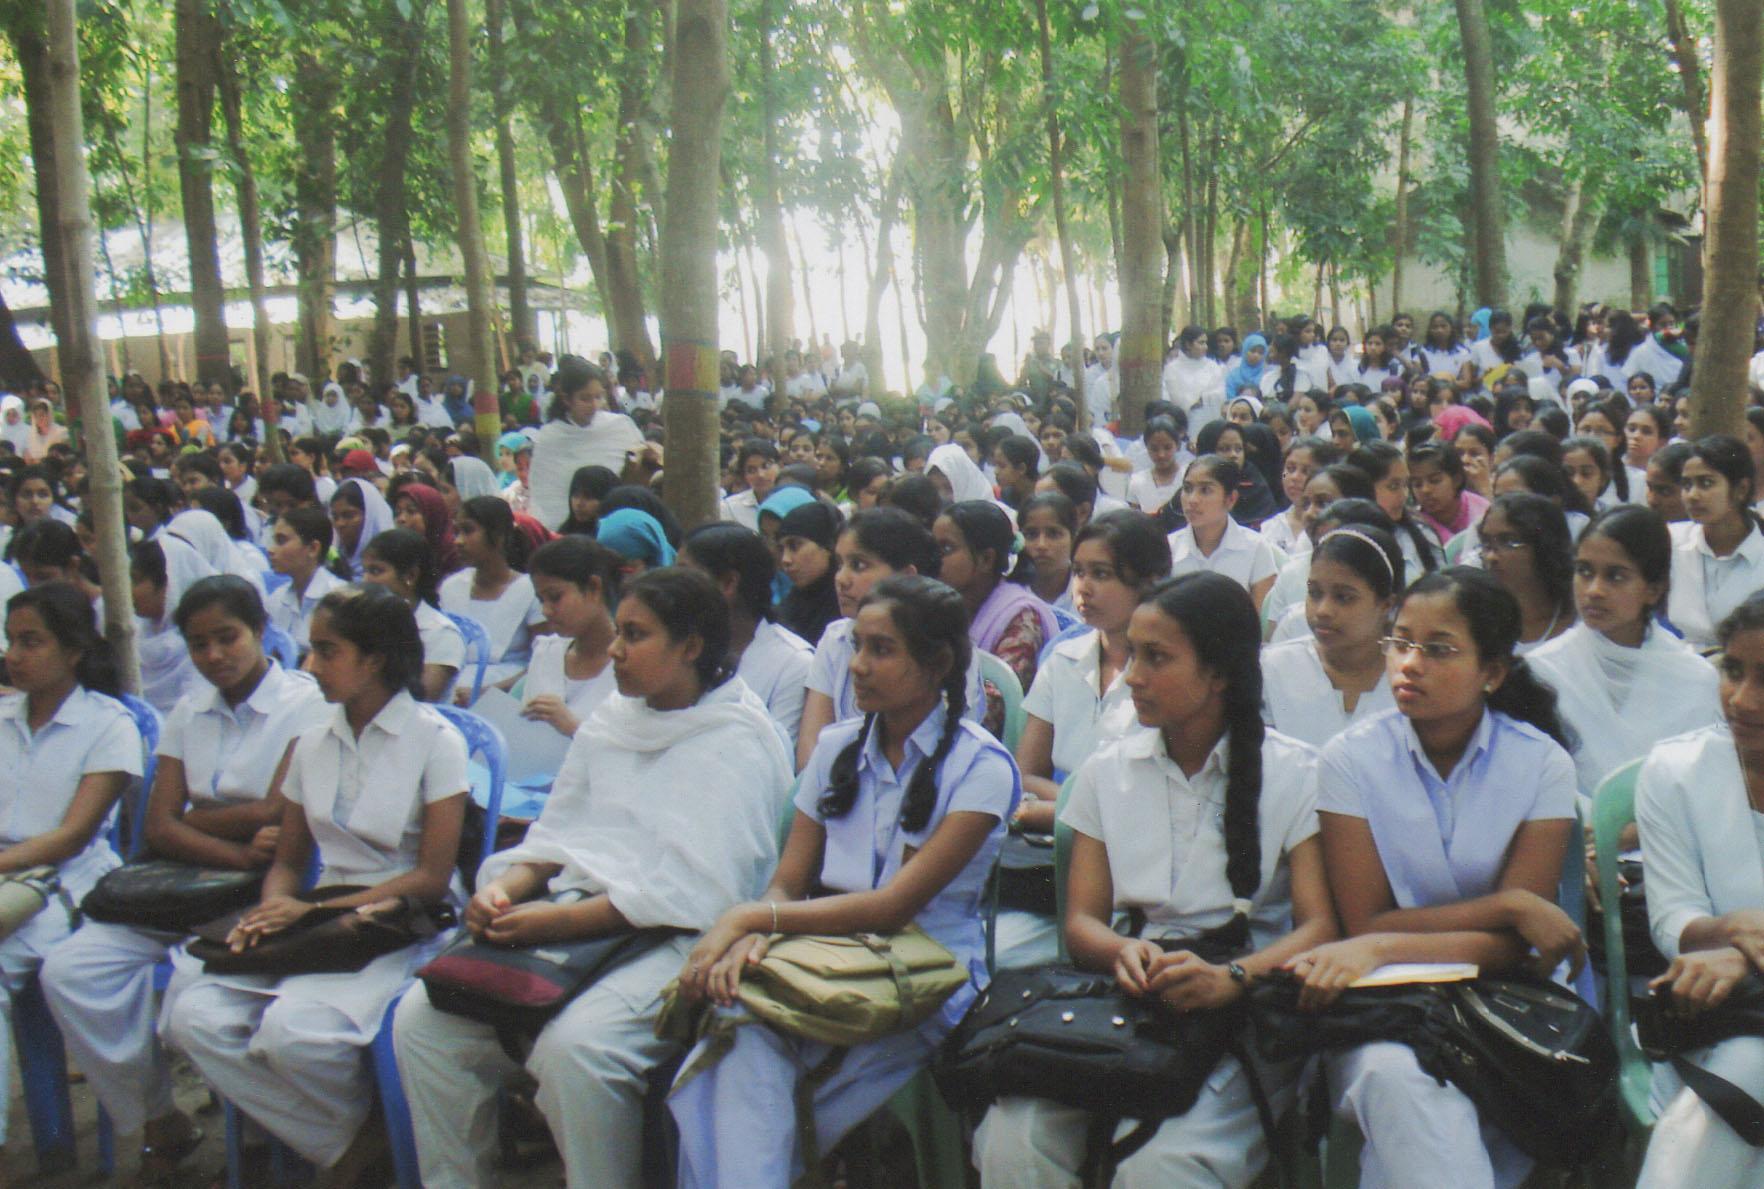 Unga flickor deltar i informationsprogram kring tonåringars sexuella hälsa på landsbygden i Bangladesh.© Social Initiative for Human Development